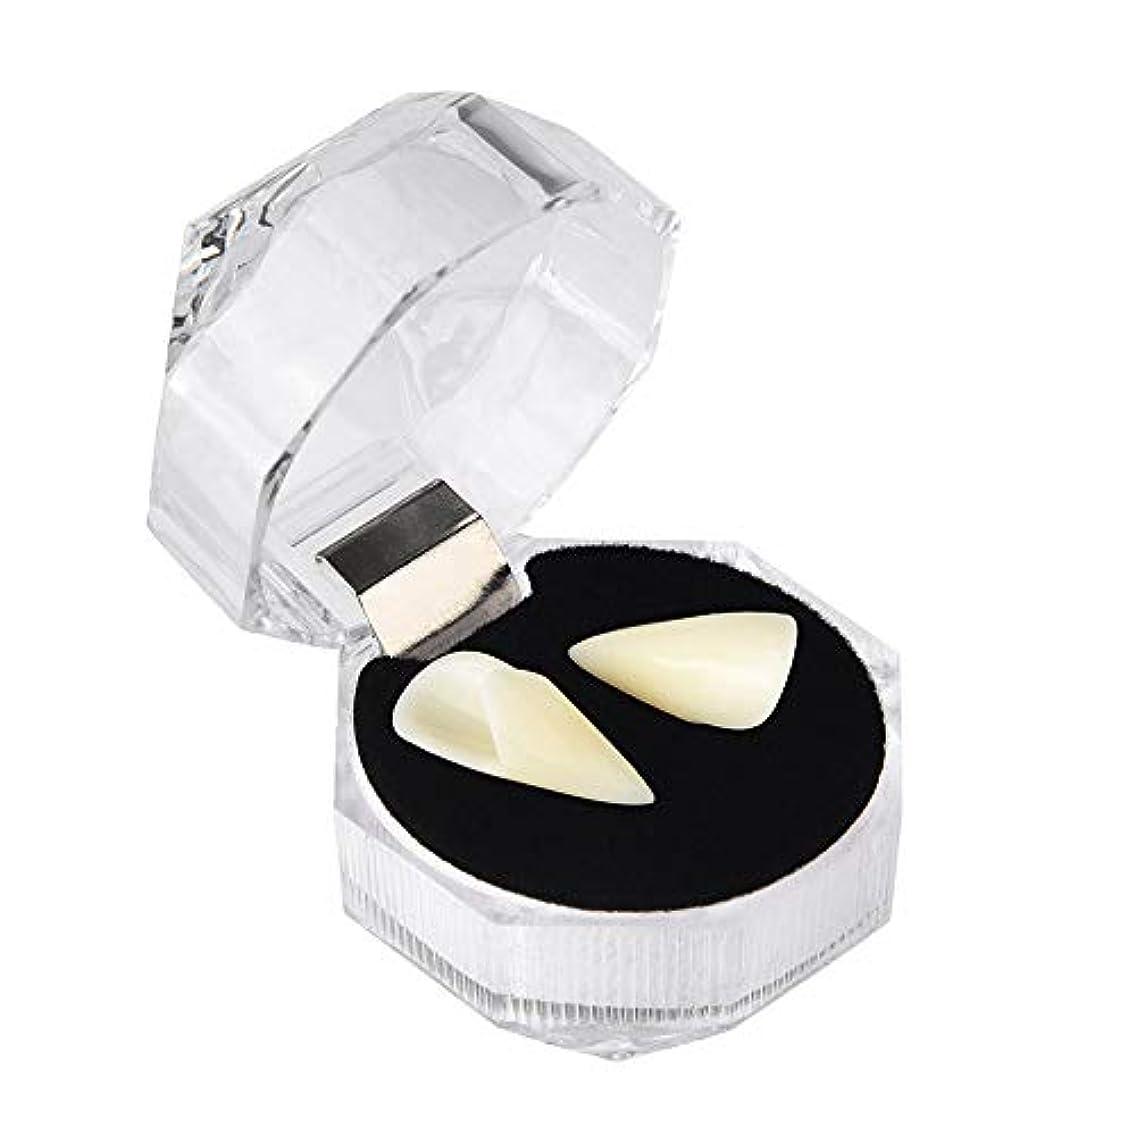 取り替える脱走ぬるいユニセックスハロウィーンロールプレイングゾンビ義歯、樹脂にやさしい食品グレード義歯(13mm、15mm、17mm、19mm),19mm